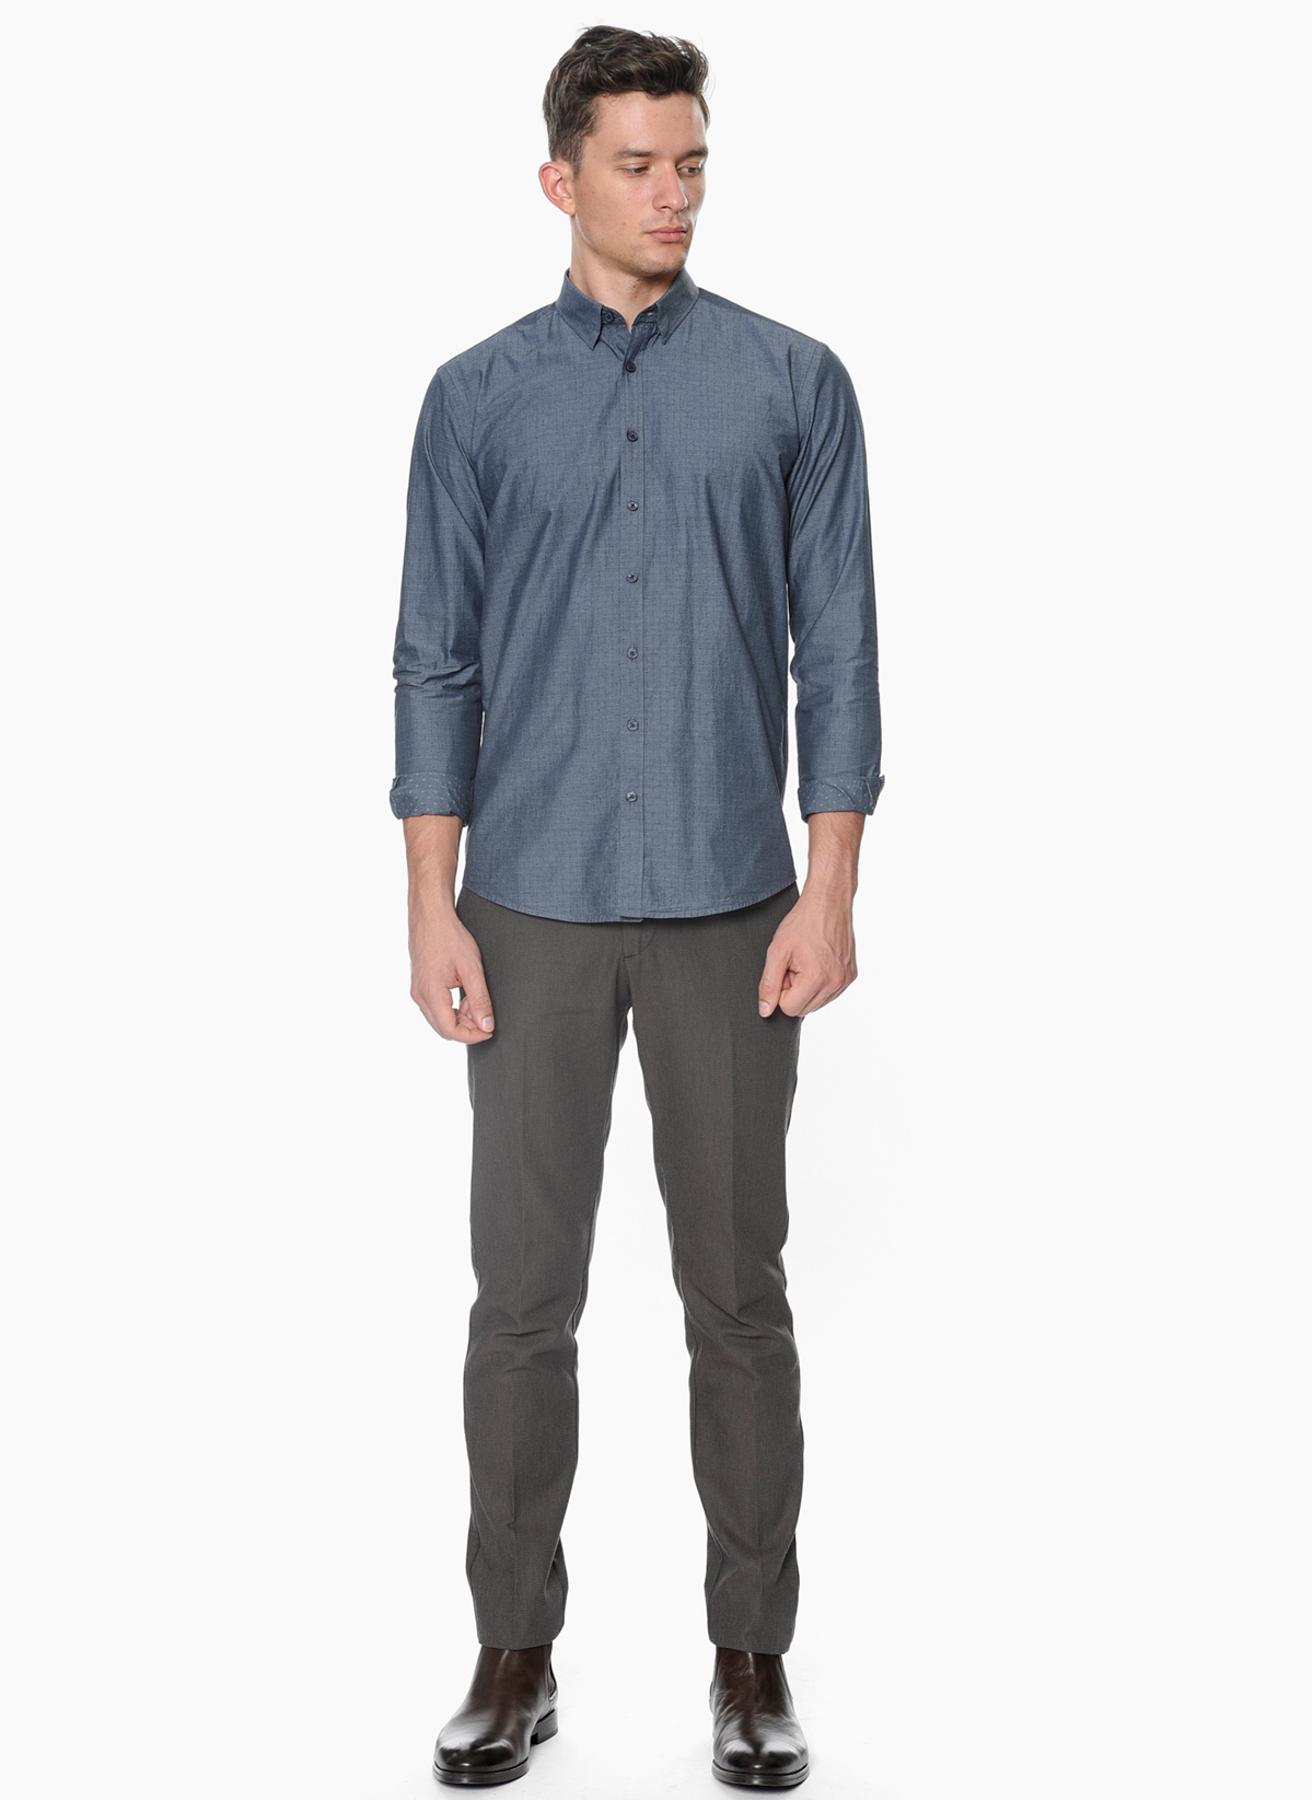 George Hogg Klasik Pantolon 52-6 5001699426004 Ürün Resmi